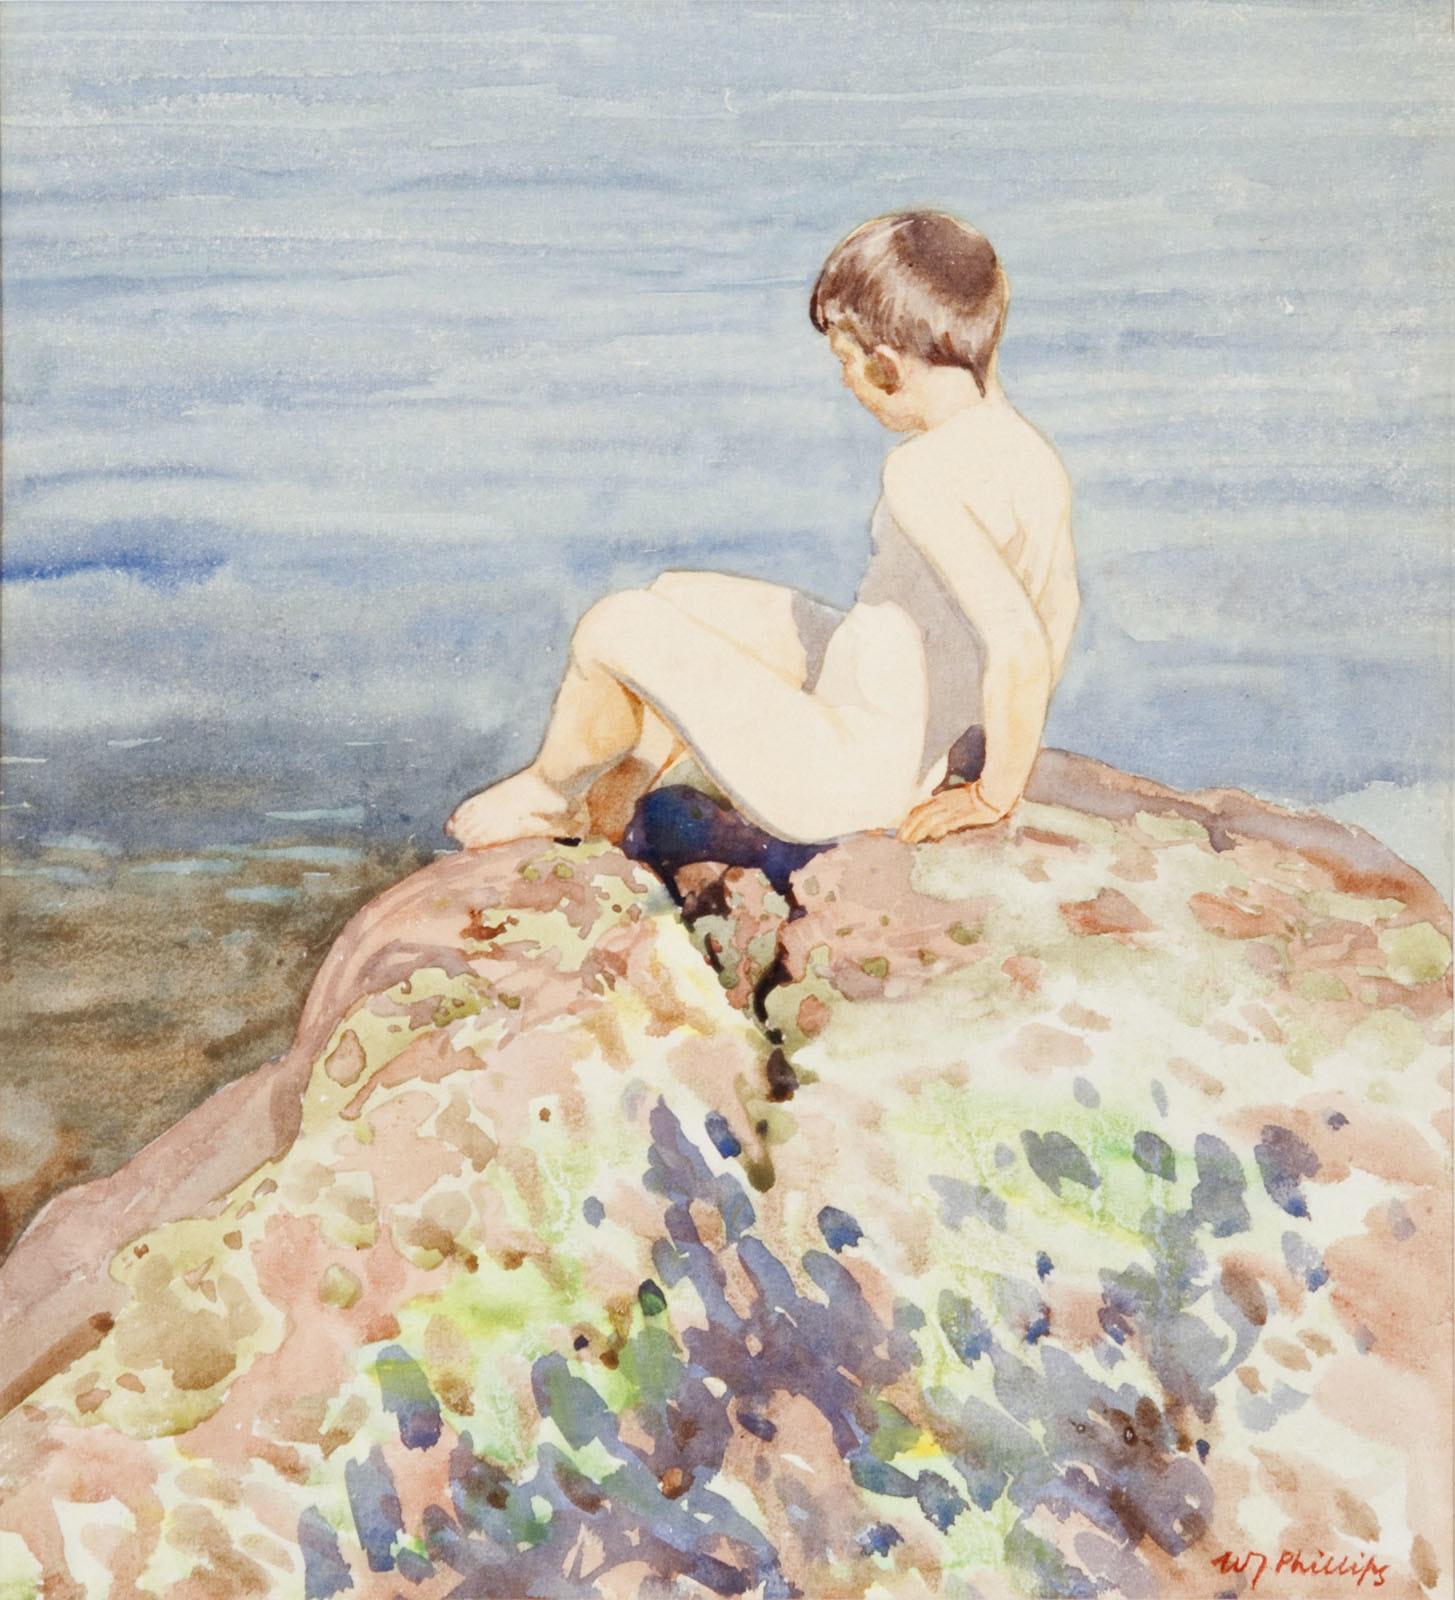 John on the Rock by WJ Phillips